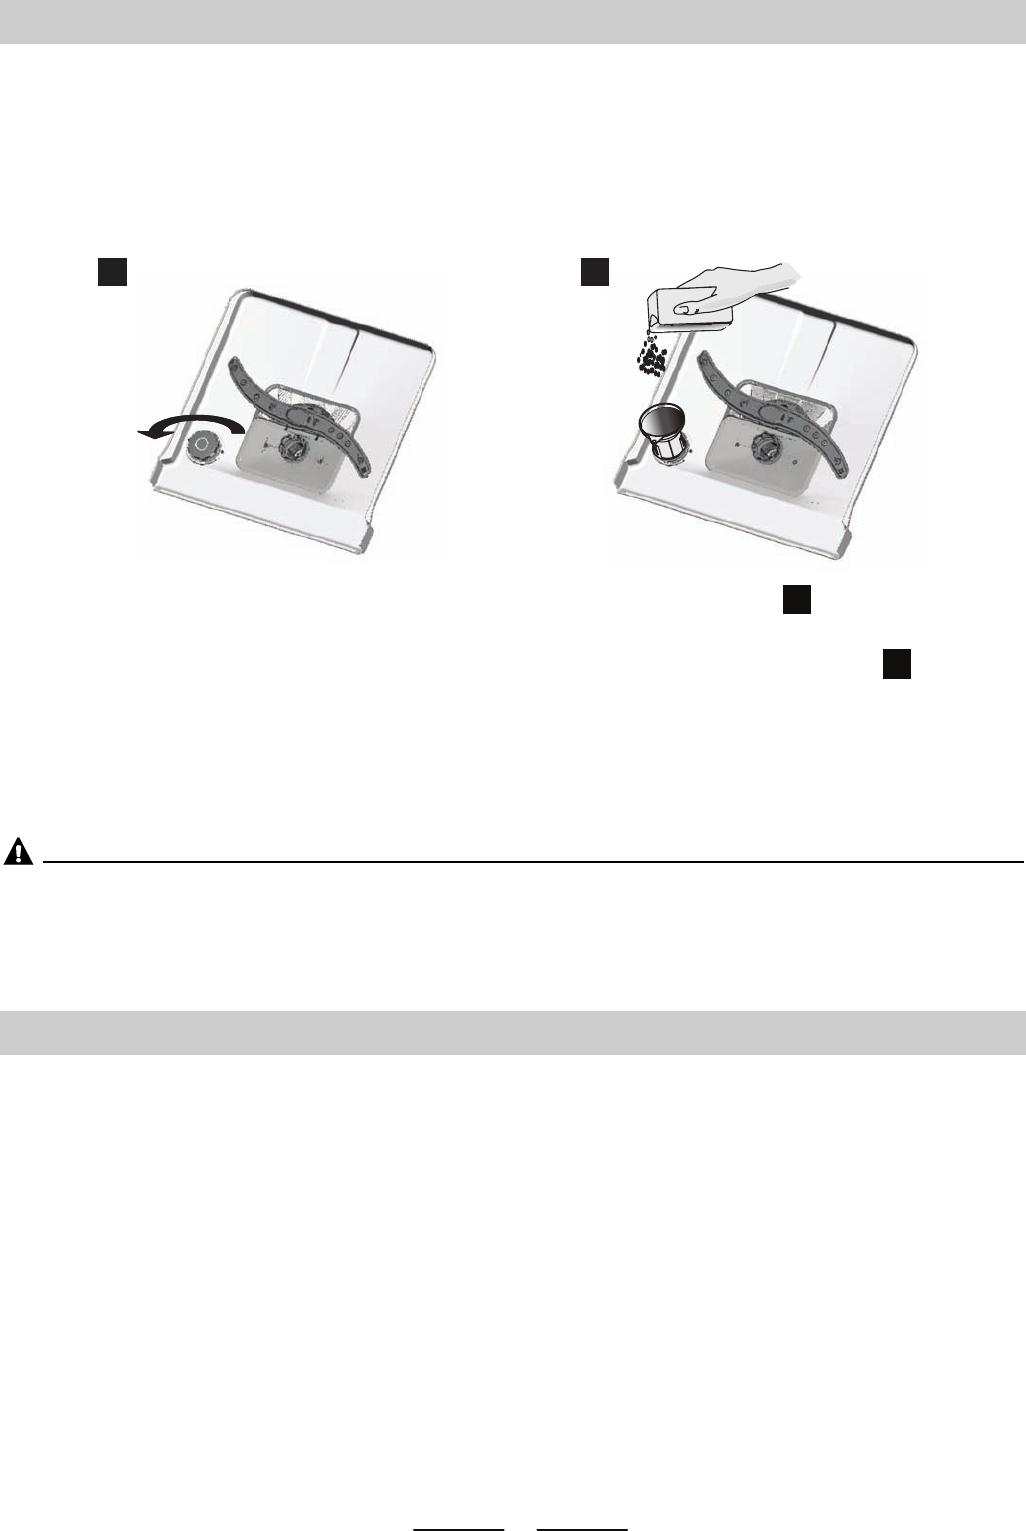 Bedienungsanleitung Gorenje Gi63315x Seite 8 Von 30 Deutsch